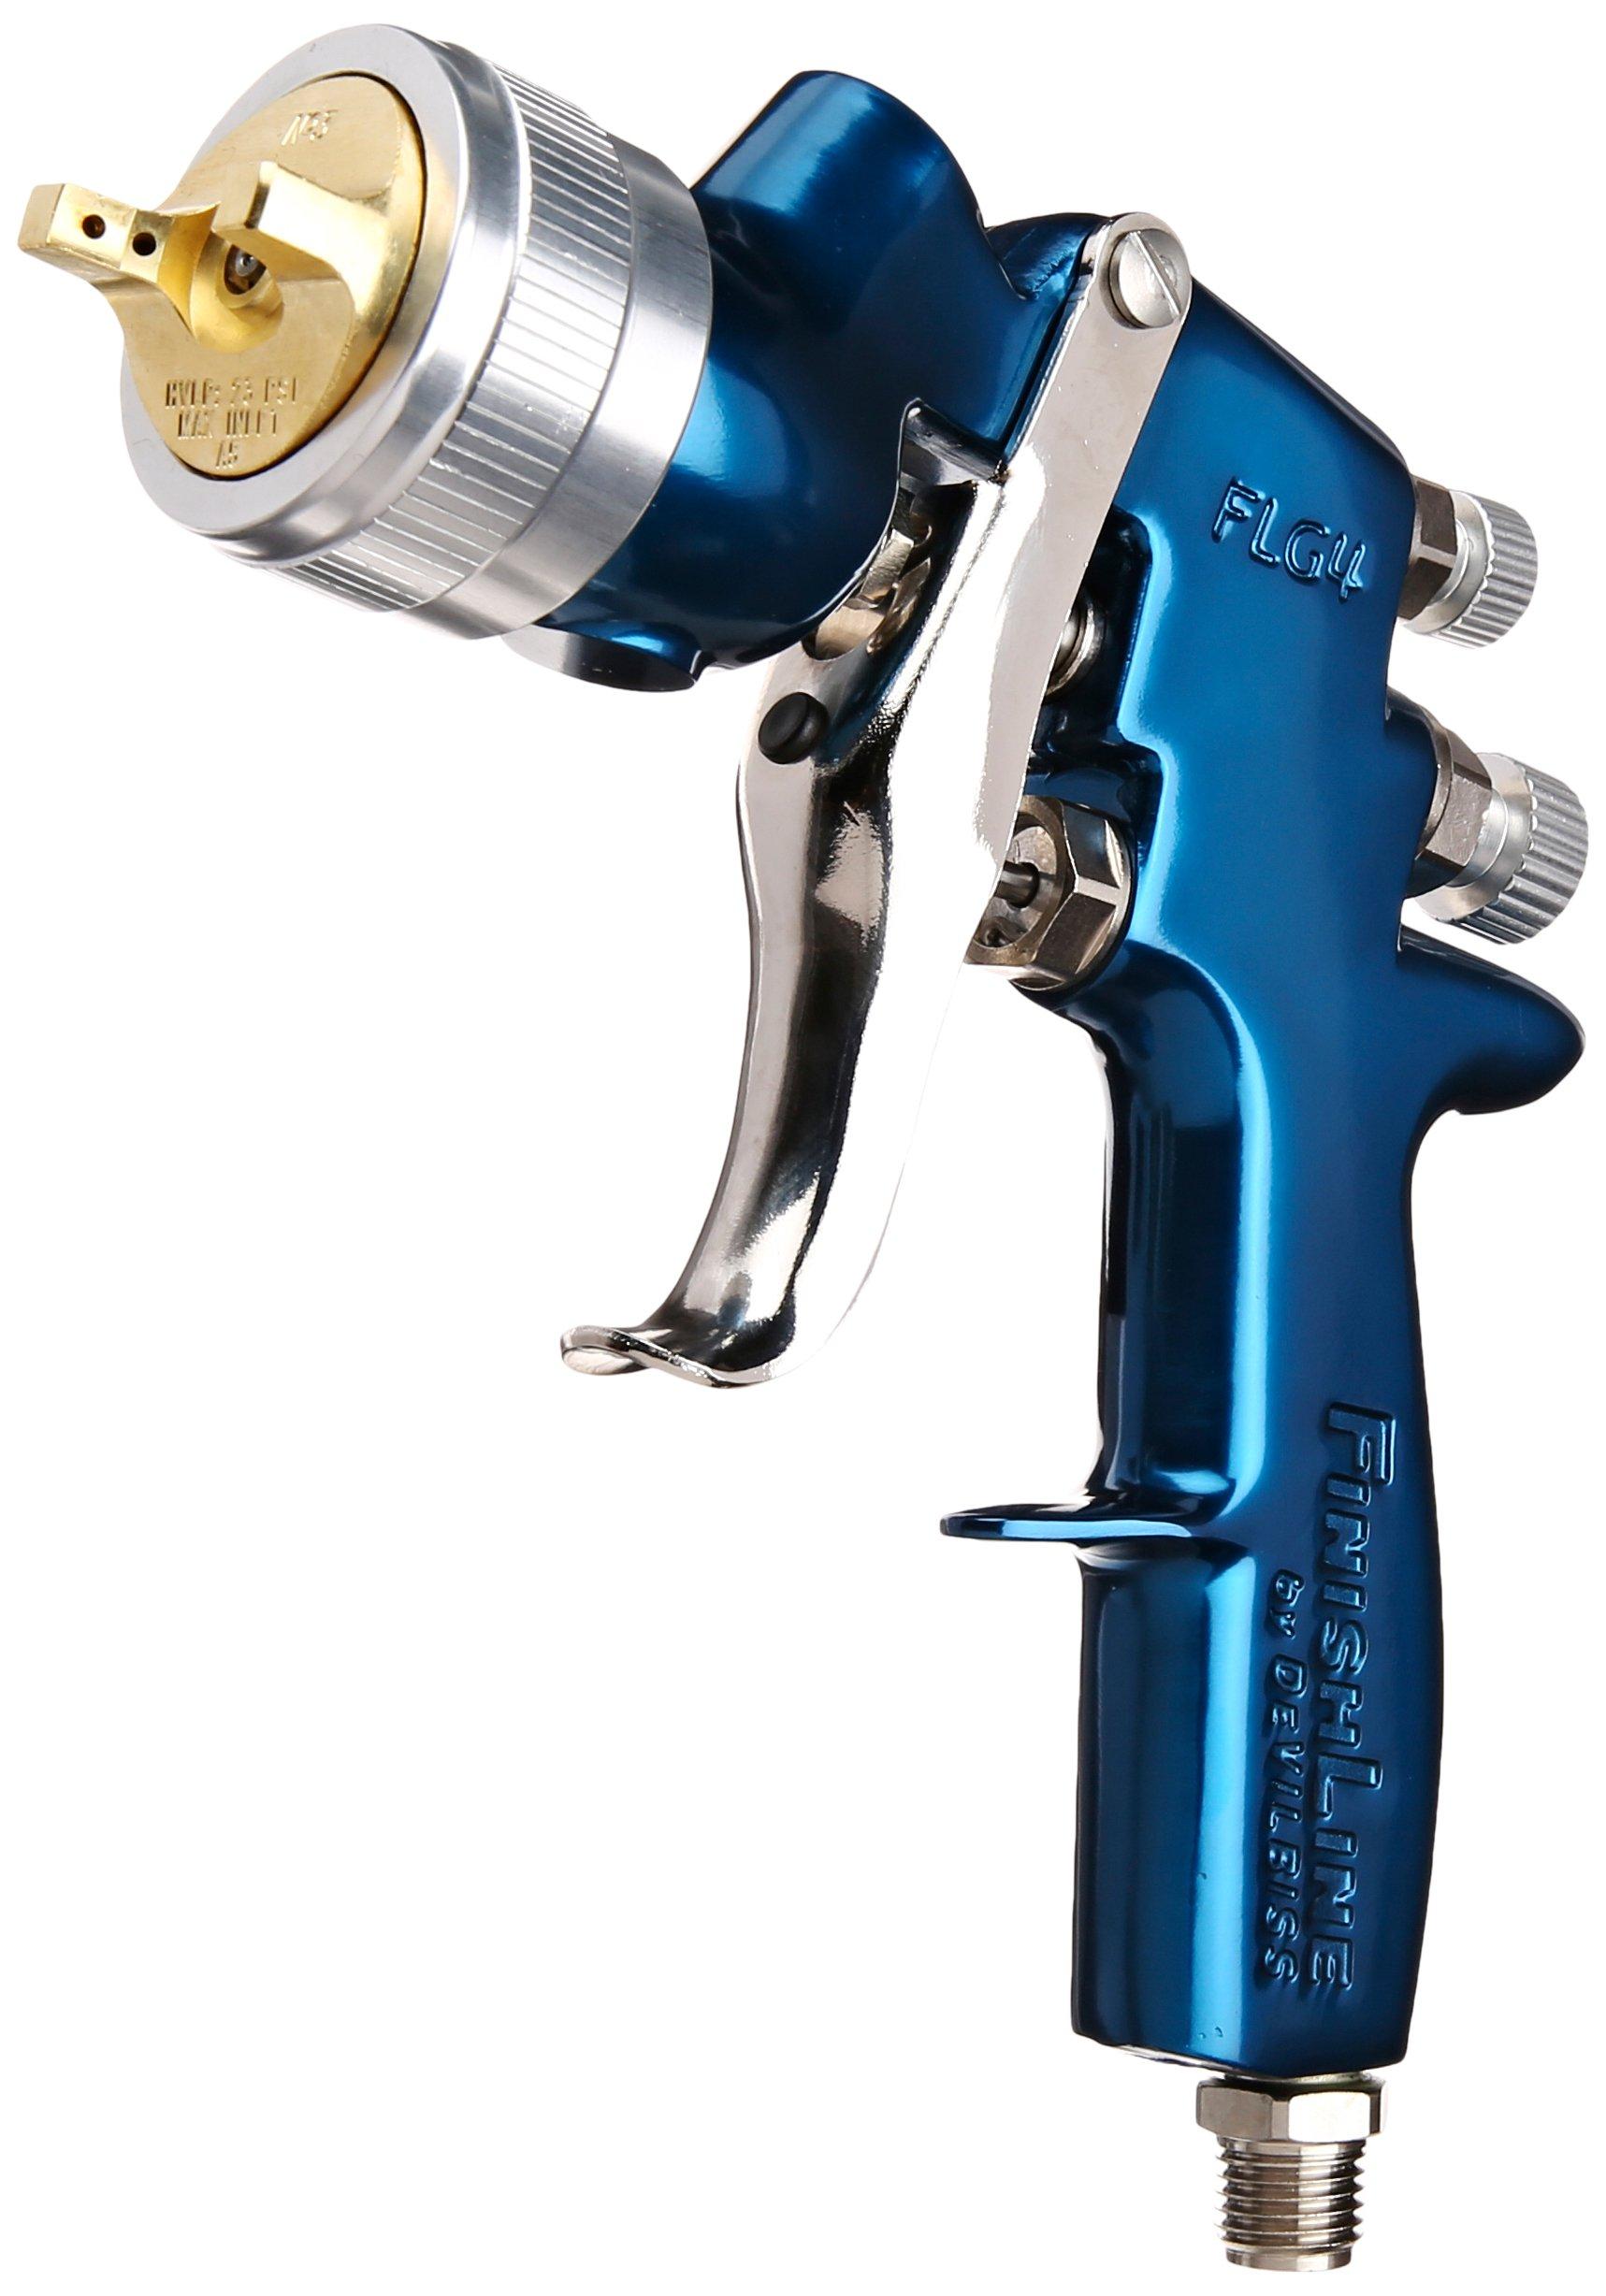 Pistola Para Pintar Devilbiss Flg671 Finishline Base De Agua